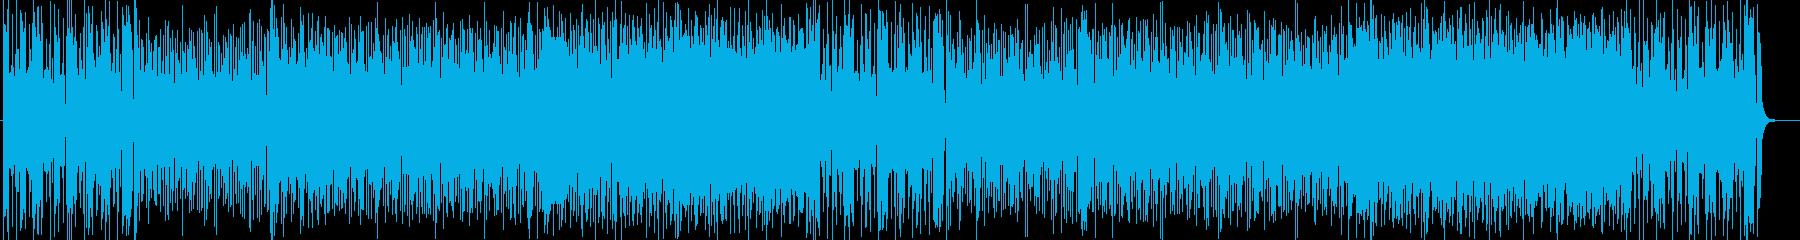 華やかで疾走感のあるシンセサイザー曲の再生済みの波形